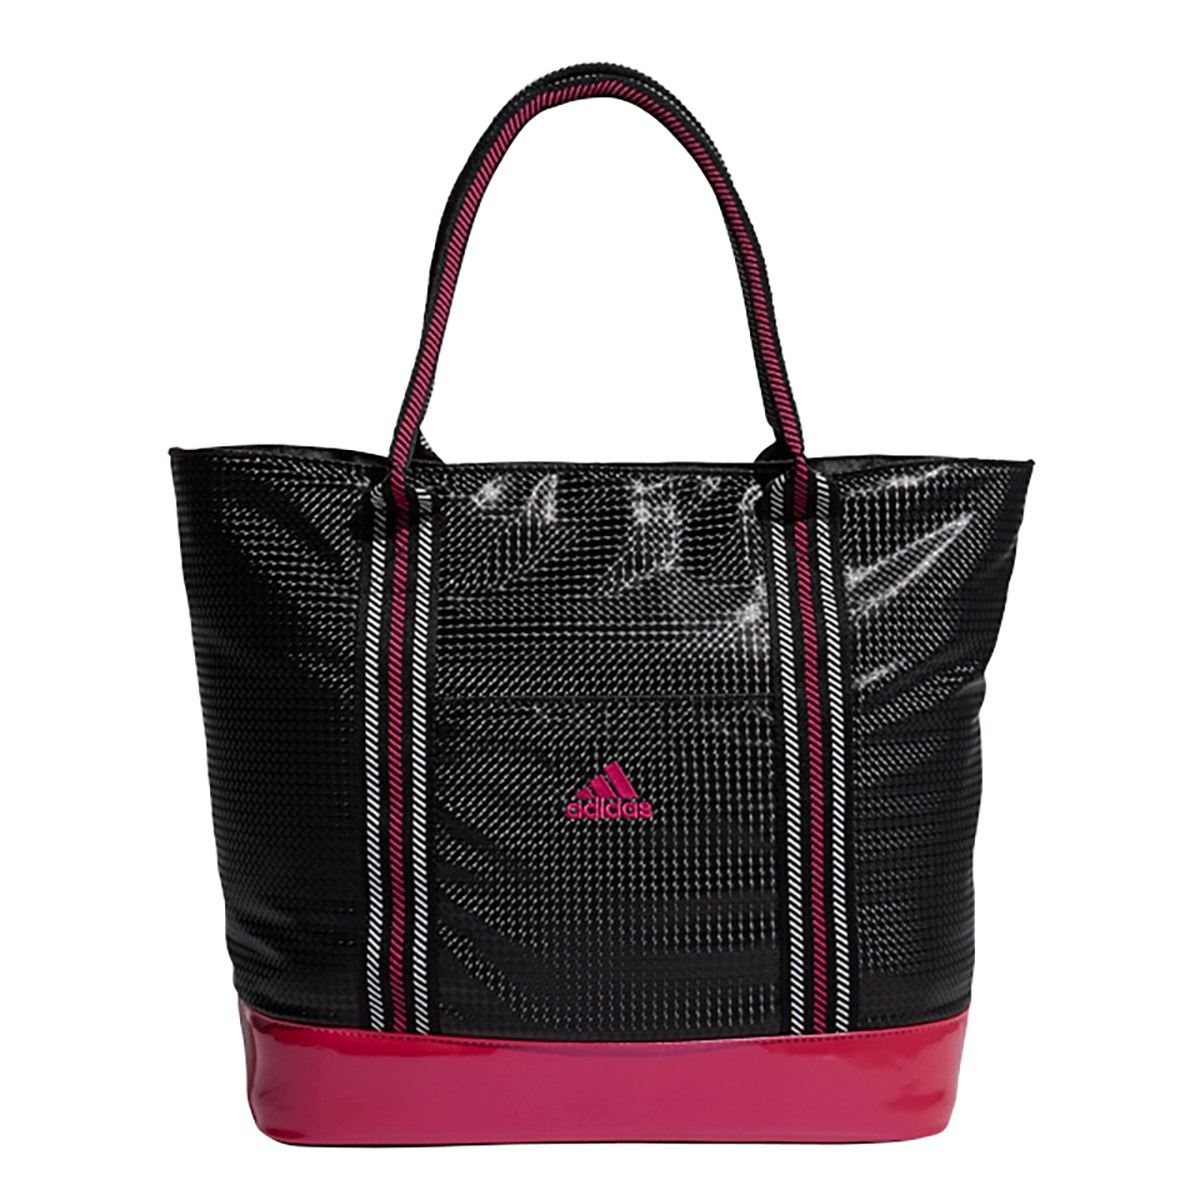 [定番モデル] アディダス adidas ライトトートバッグ ブラック レディース ゴルフ